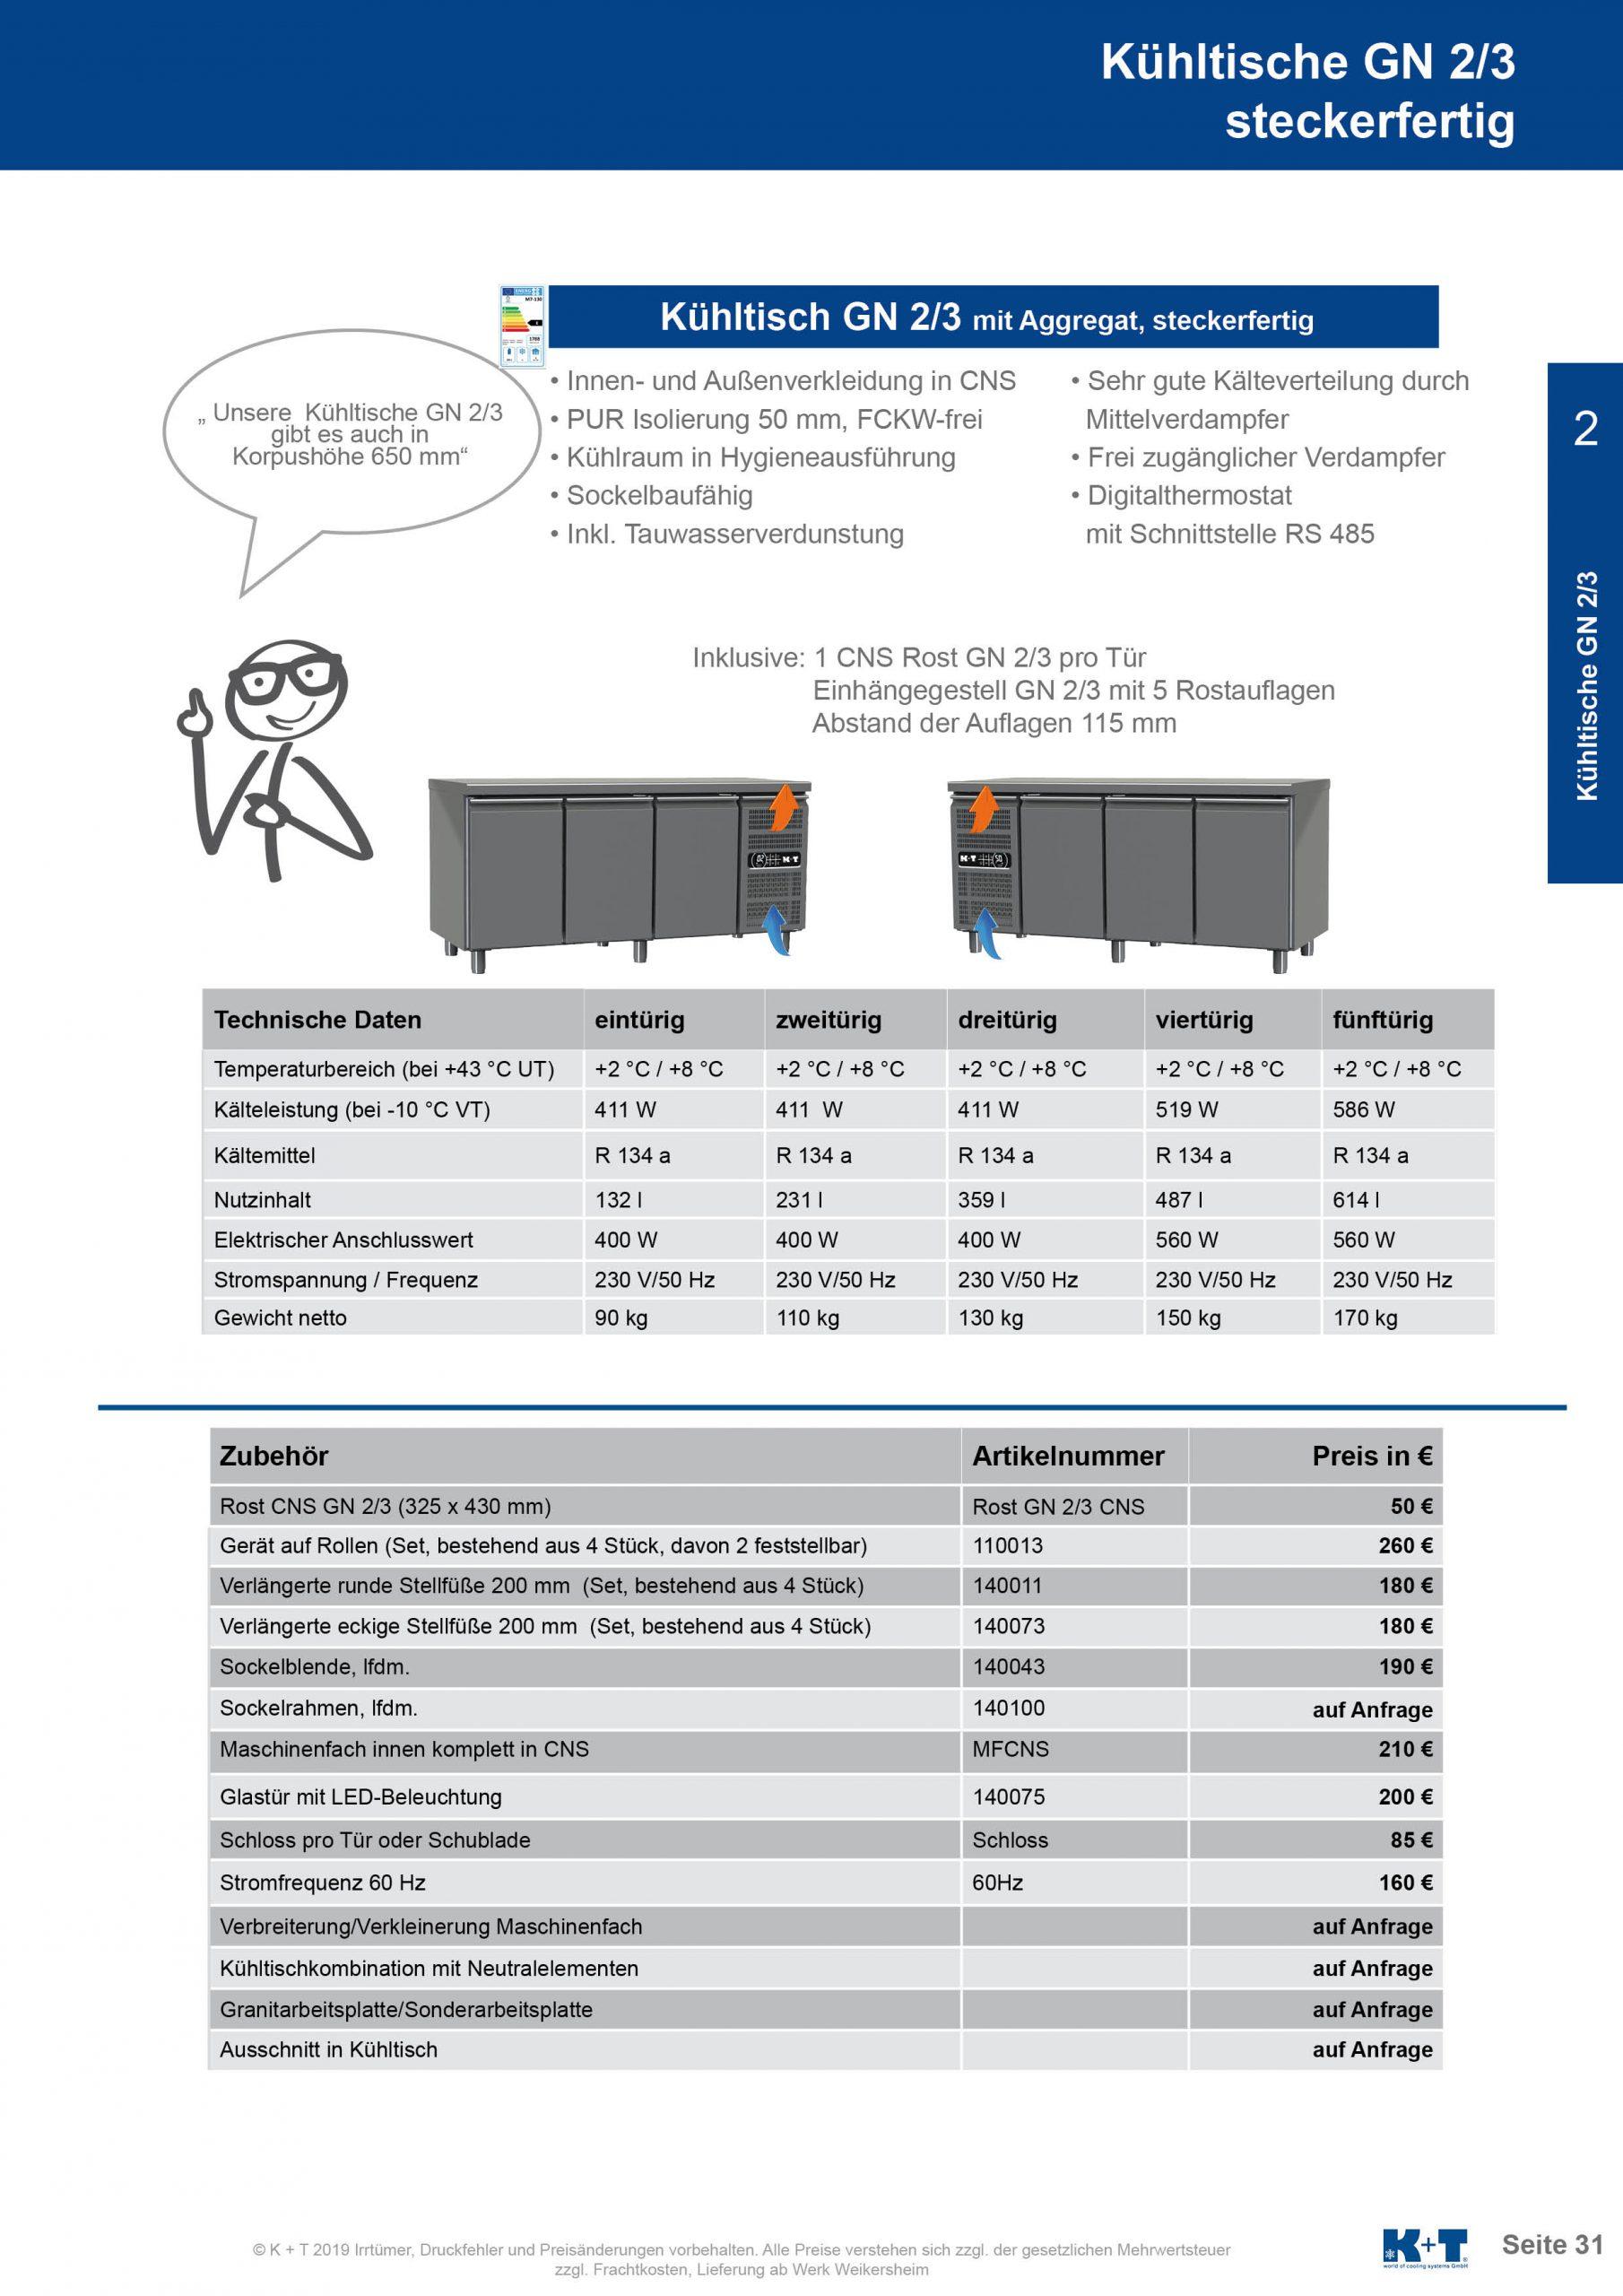 Kühltisch GN 2_3 Korpus 700 steckerfertig 2